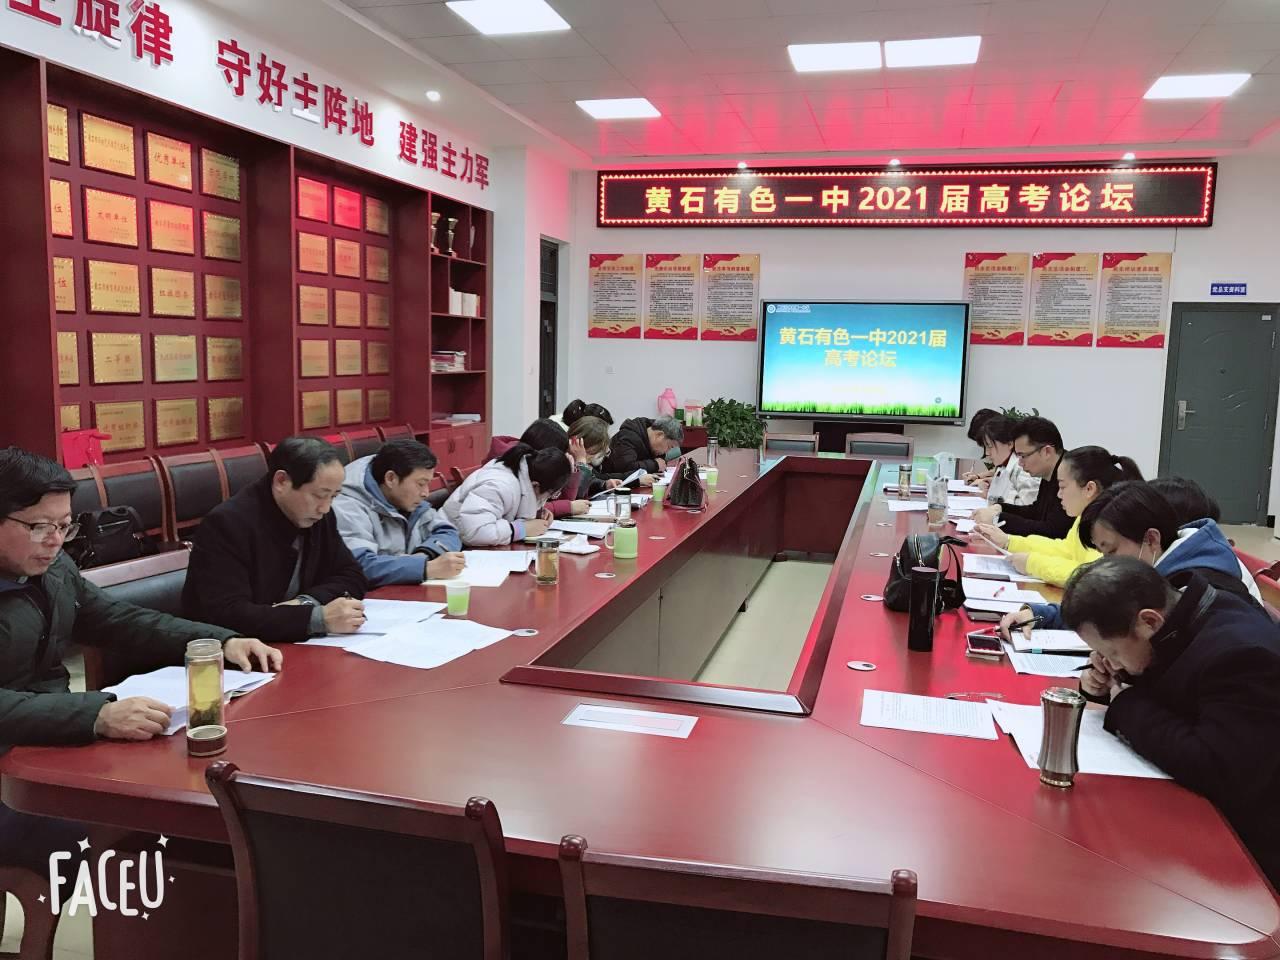 http://www.weixinrensheng.com/jiaoyu/2641384.html